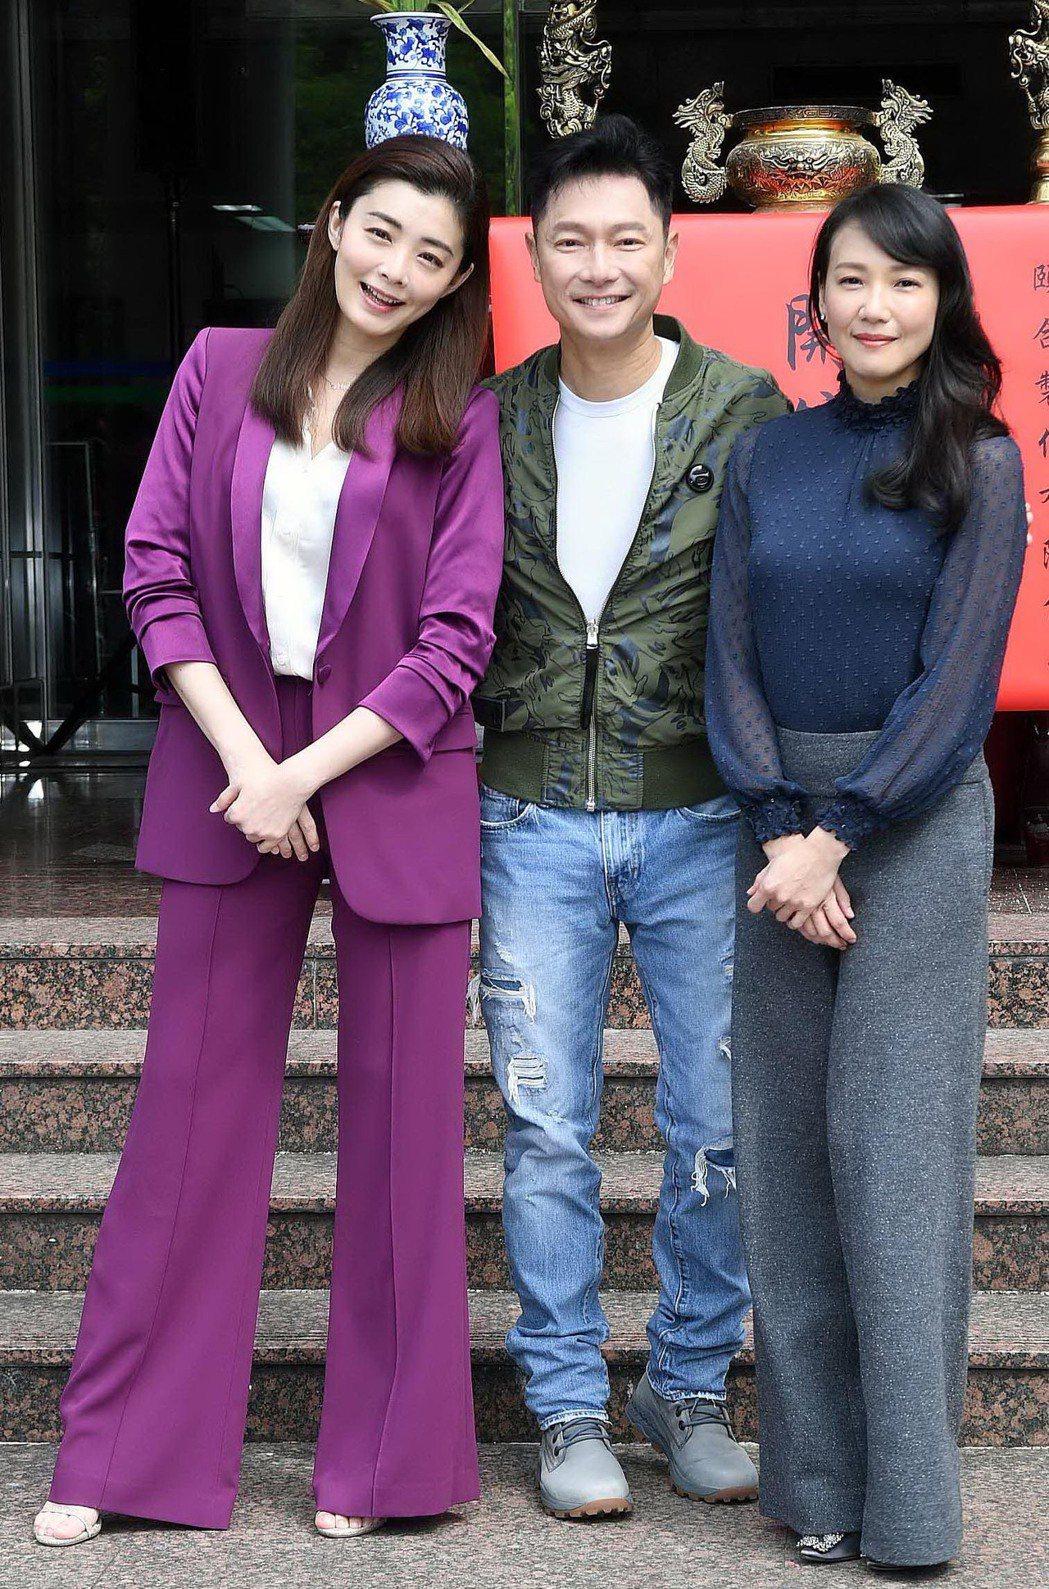 """张本渝(右起)、谢祖武、夏如芝在""""婚姻结业式""""中将有一段感情纠葛。图/华视提供"""